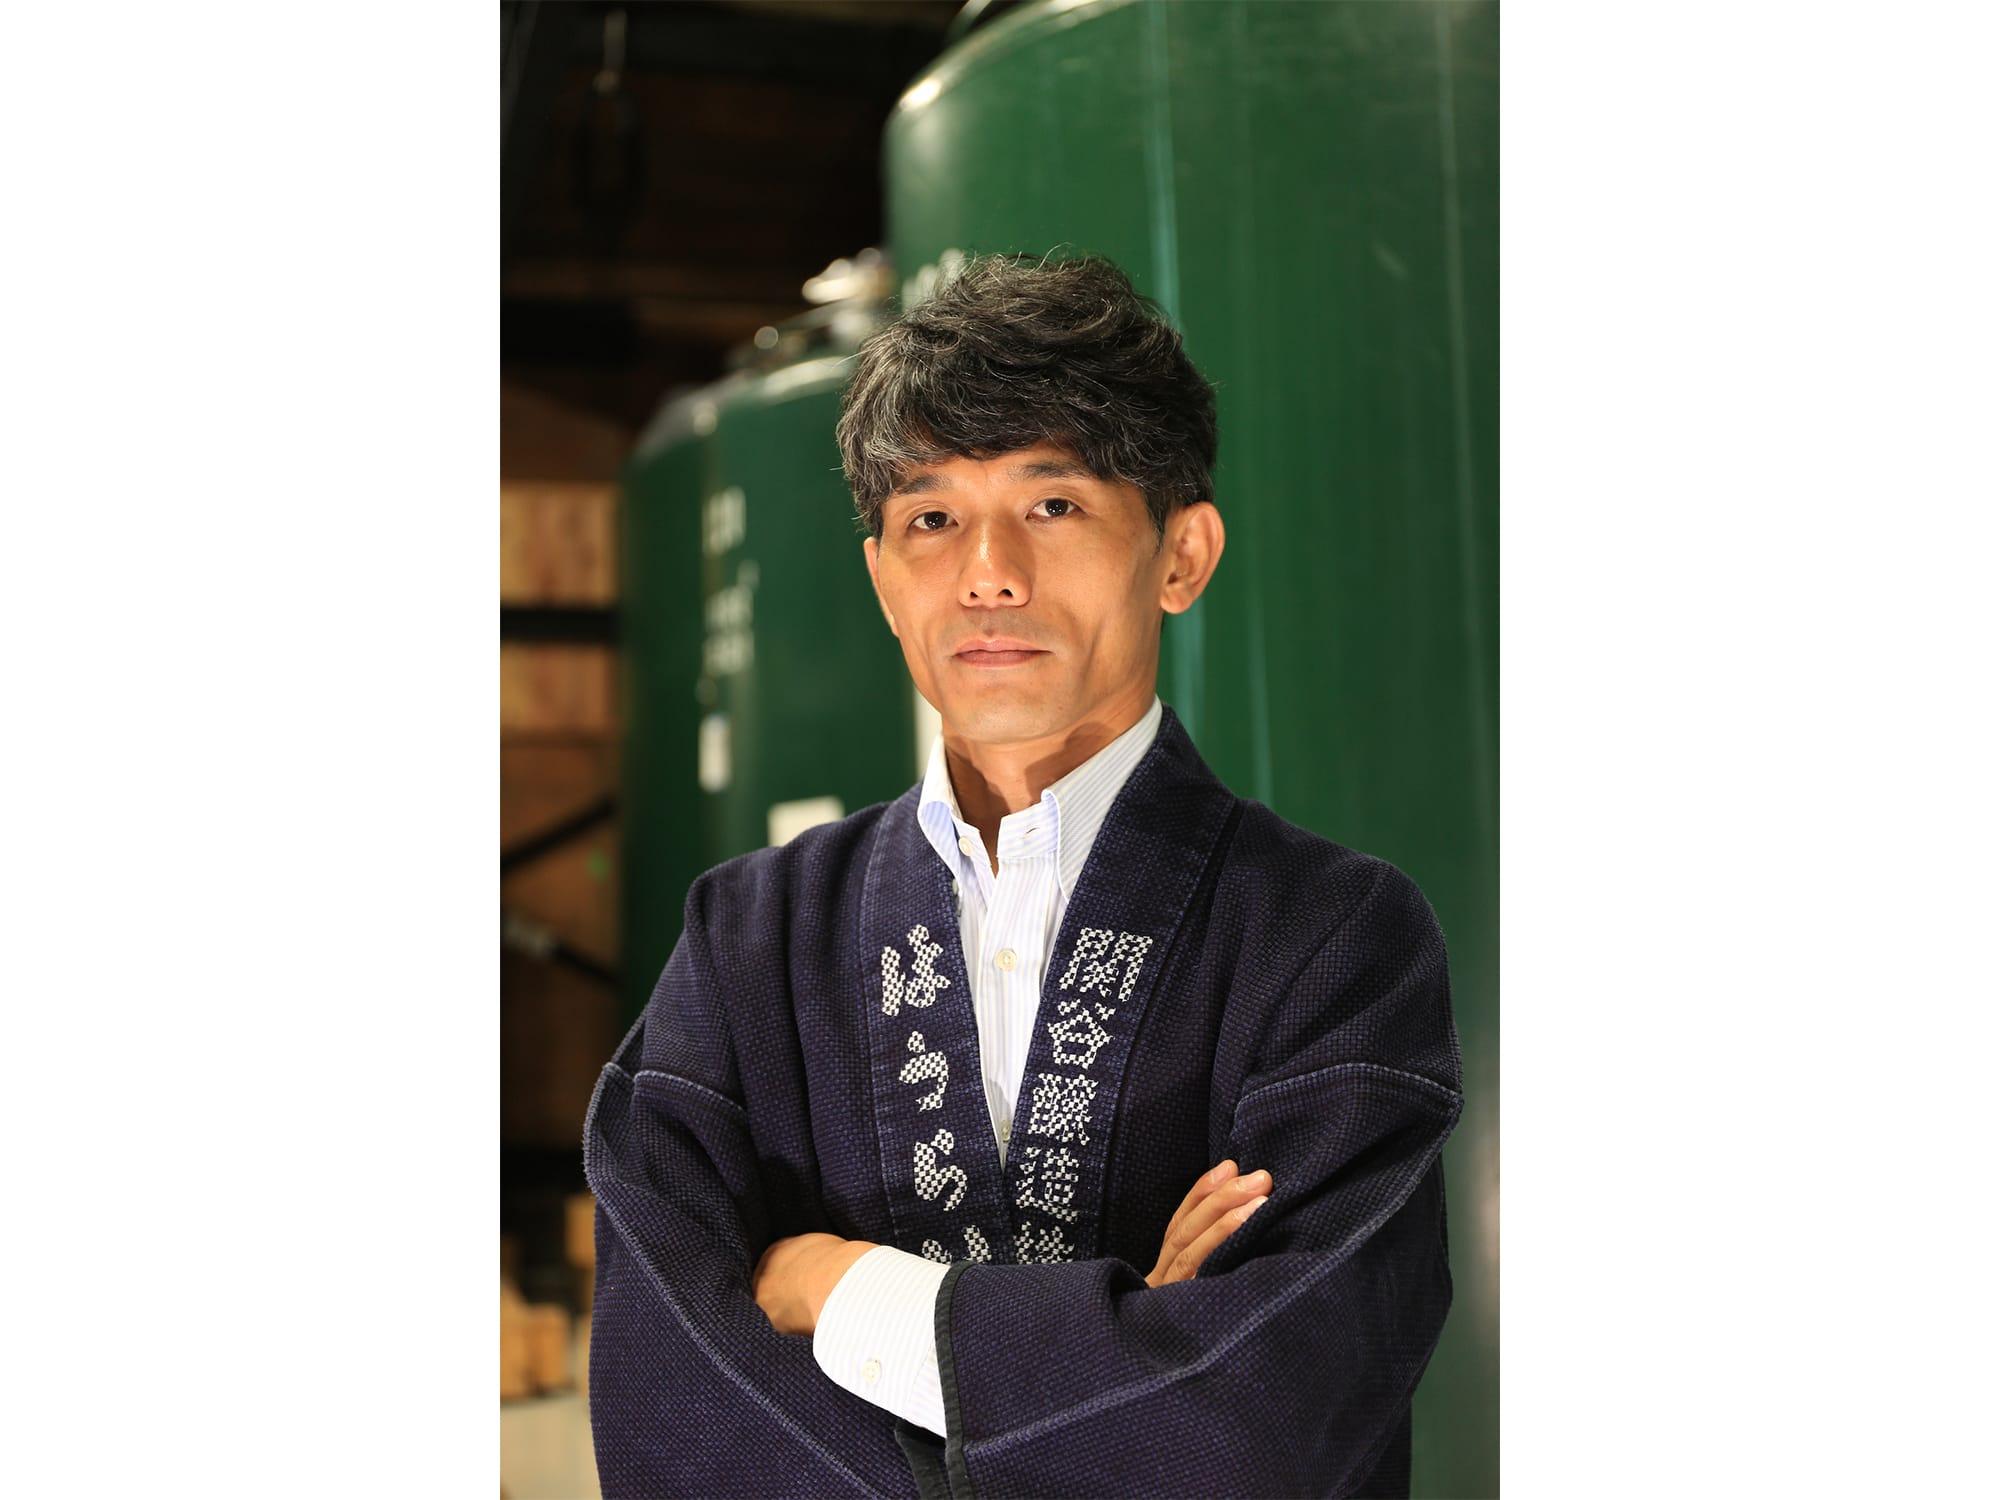 「日本酒造りは、エンターテイメントだと思っています。日本酒はお客様の人生を豊かにするツールだという意識でビジネスを展開していきたい」と語る、関谷健社長。